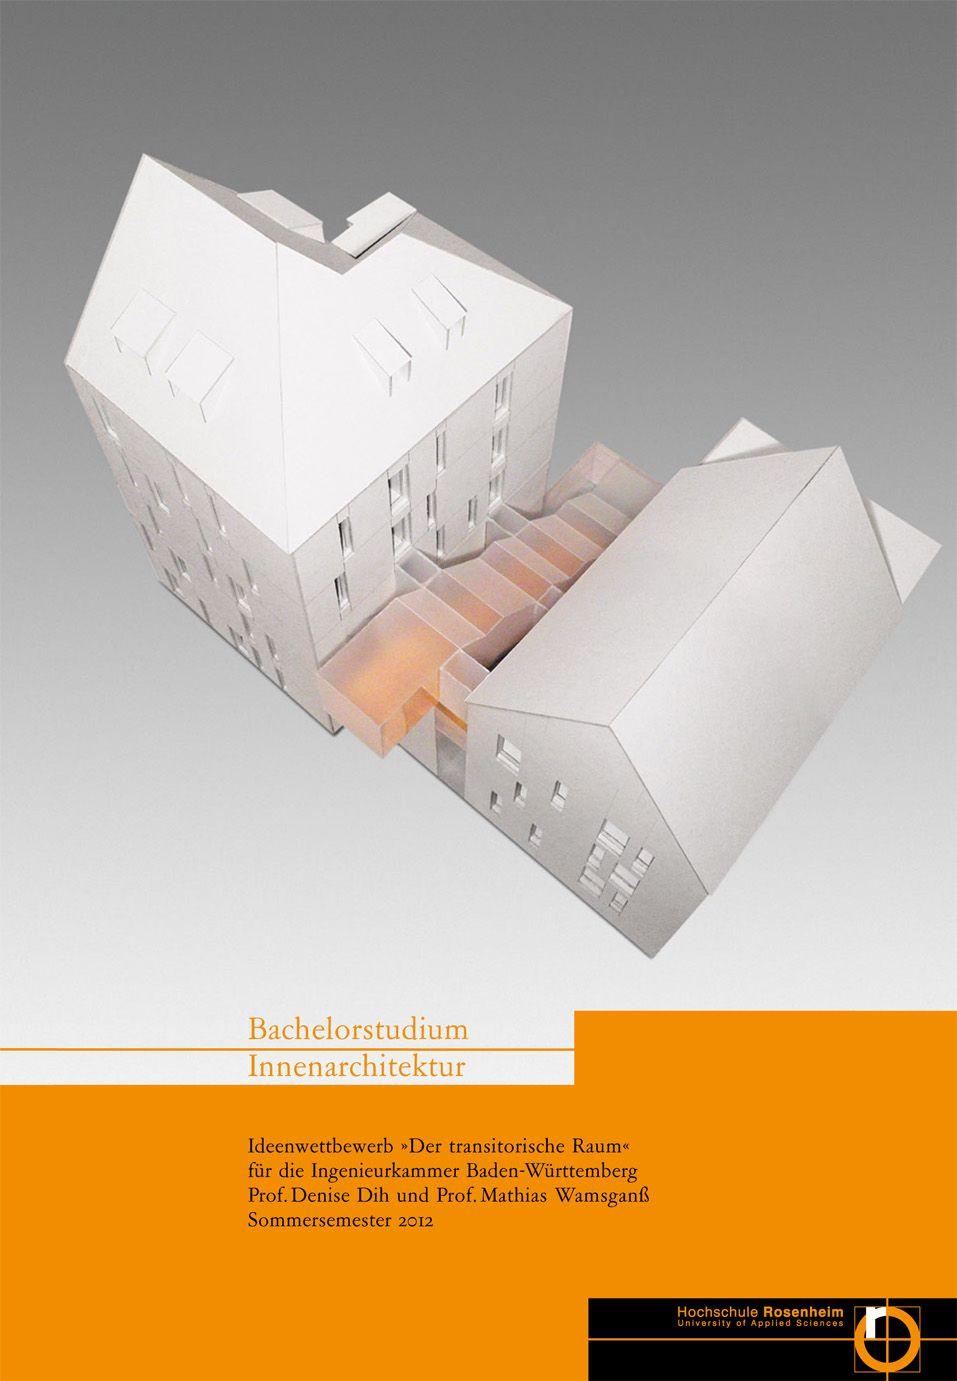 Forschungsbericht ideenwettbewerb der transitorische for Innenarchitektur fh rosenheim